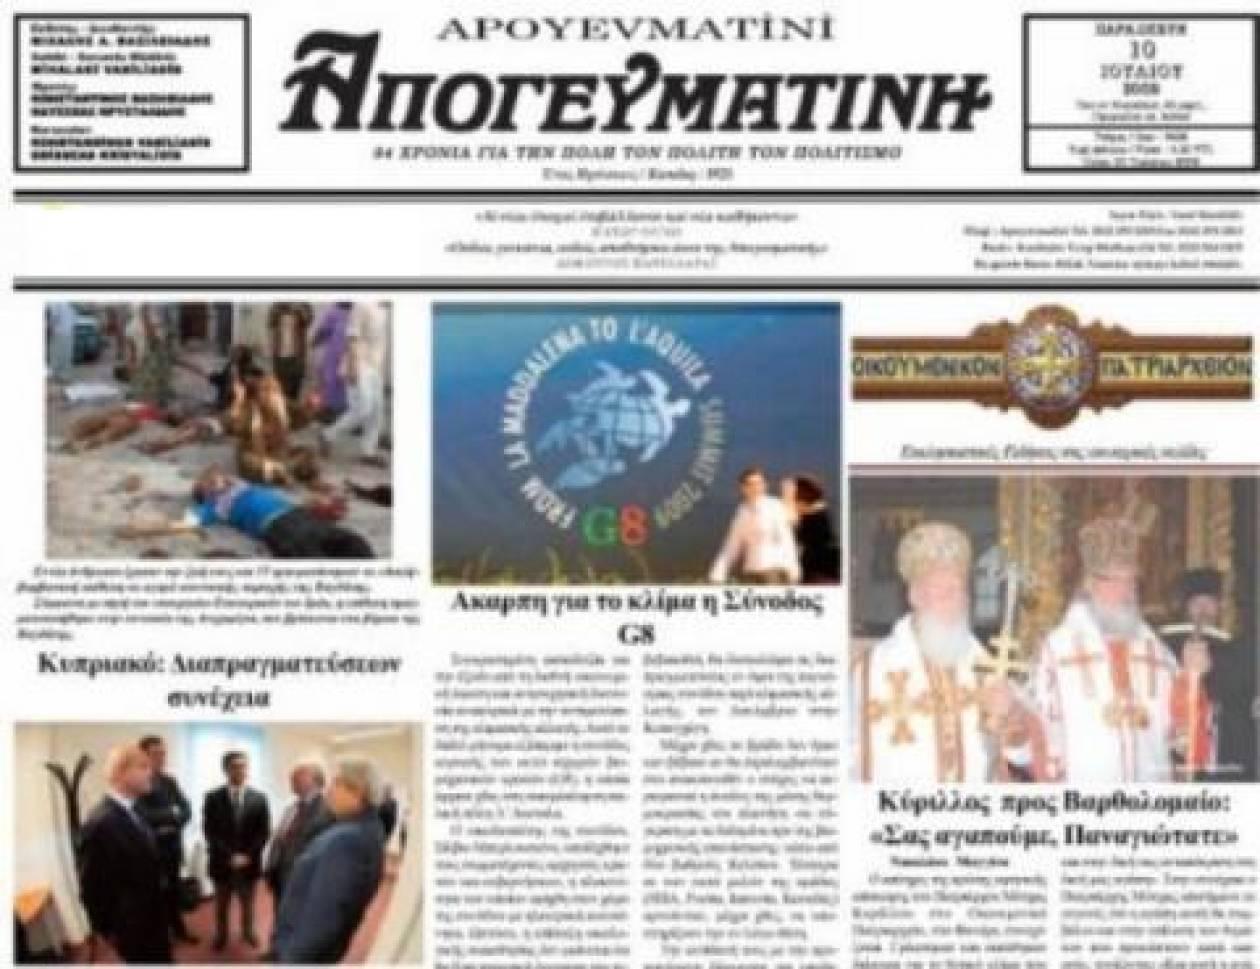 Τουρκικό «σωσίβιο» σε ελληνική εφημερίδα